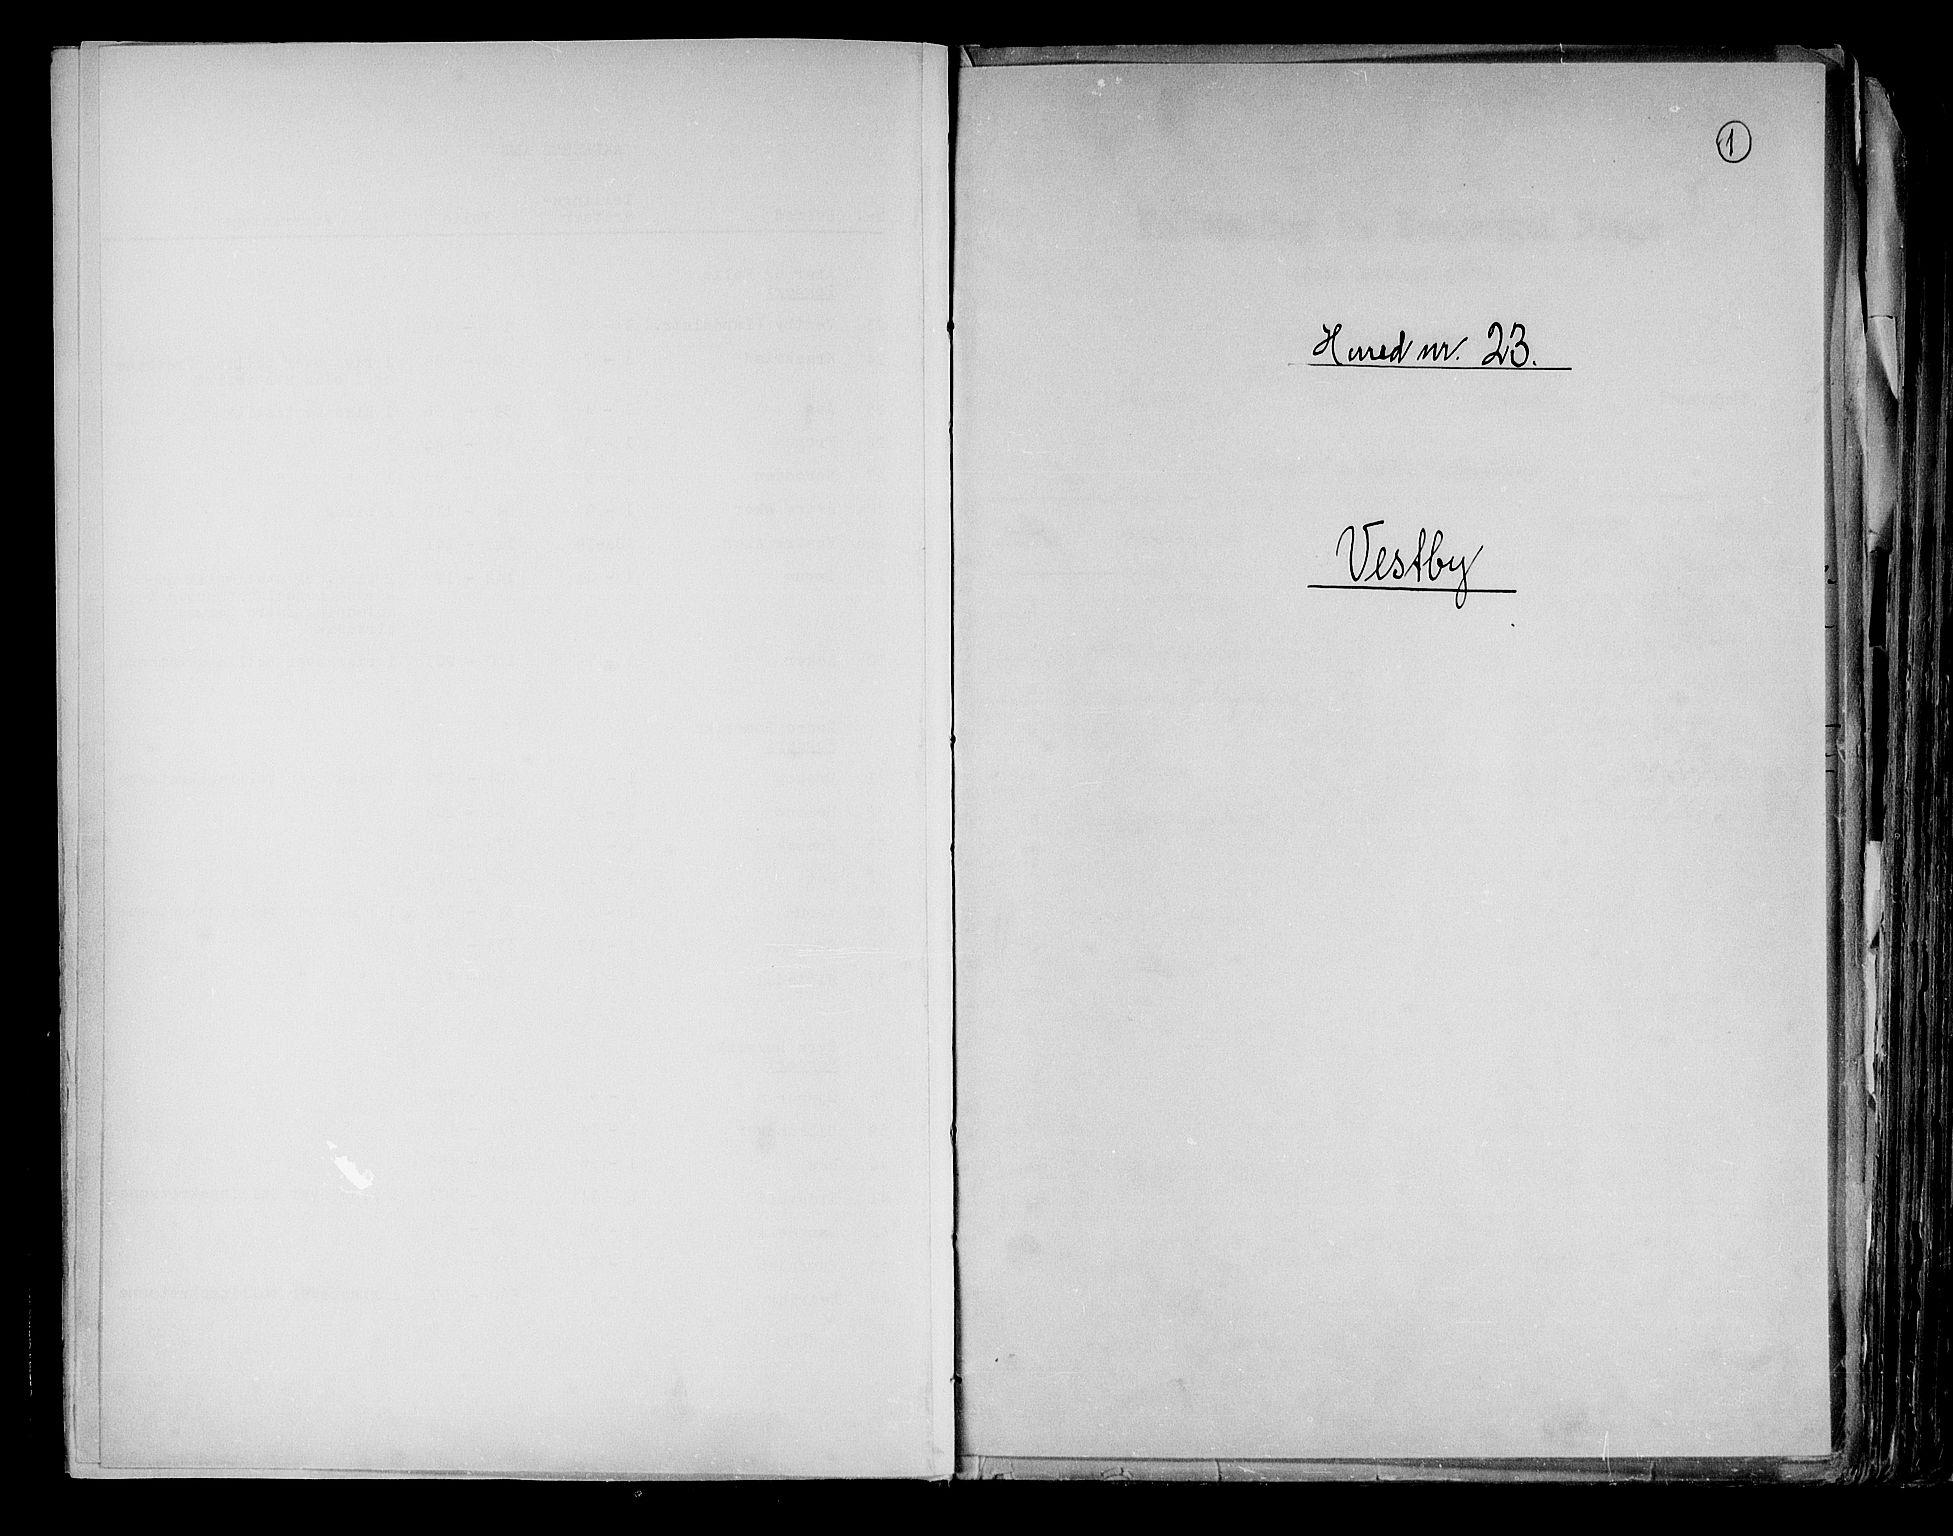 RA, Folketelling 1891 for 0211 Vestby herred, 1891, s. 1